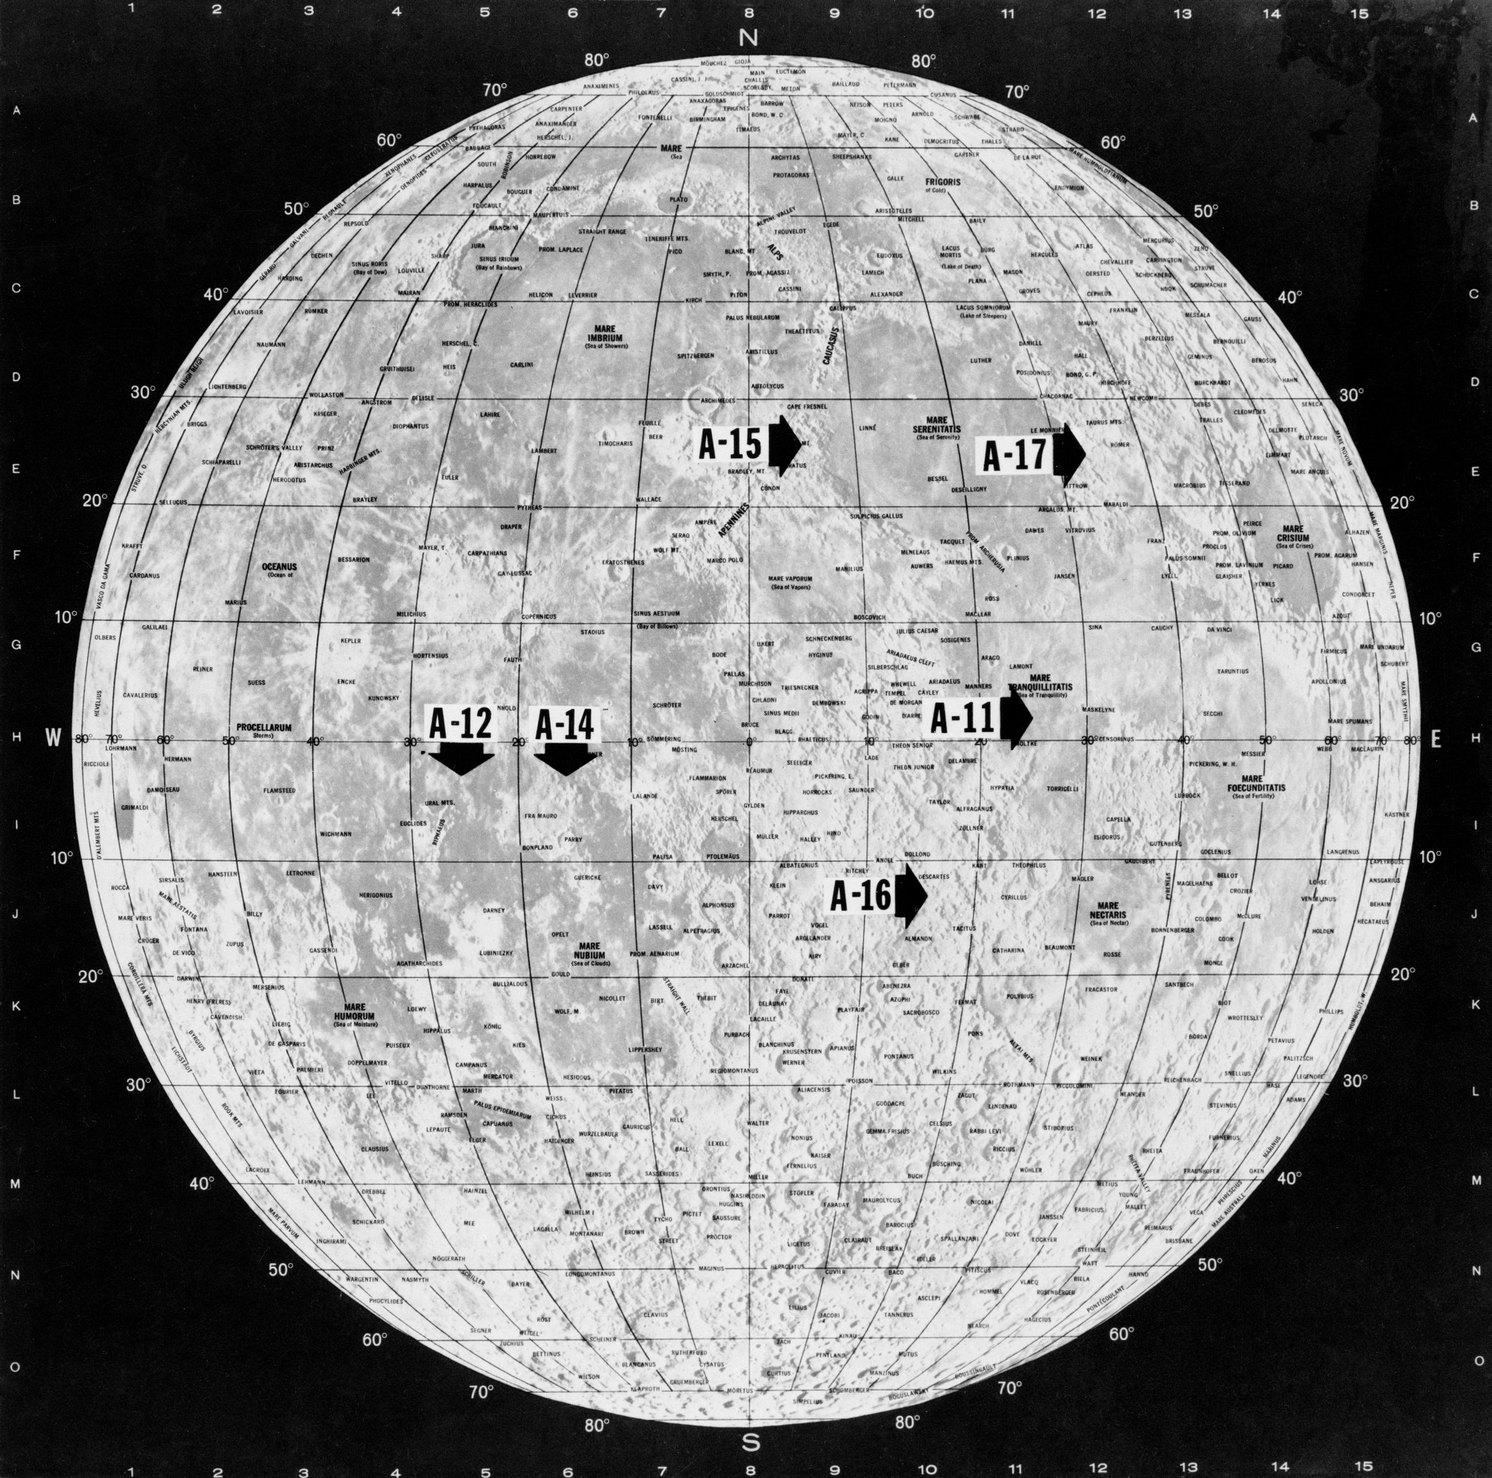 Карта Луны с указанием мест высадок шести экспедиций программы «Аполлон» (NASA, S72-32719)